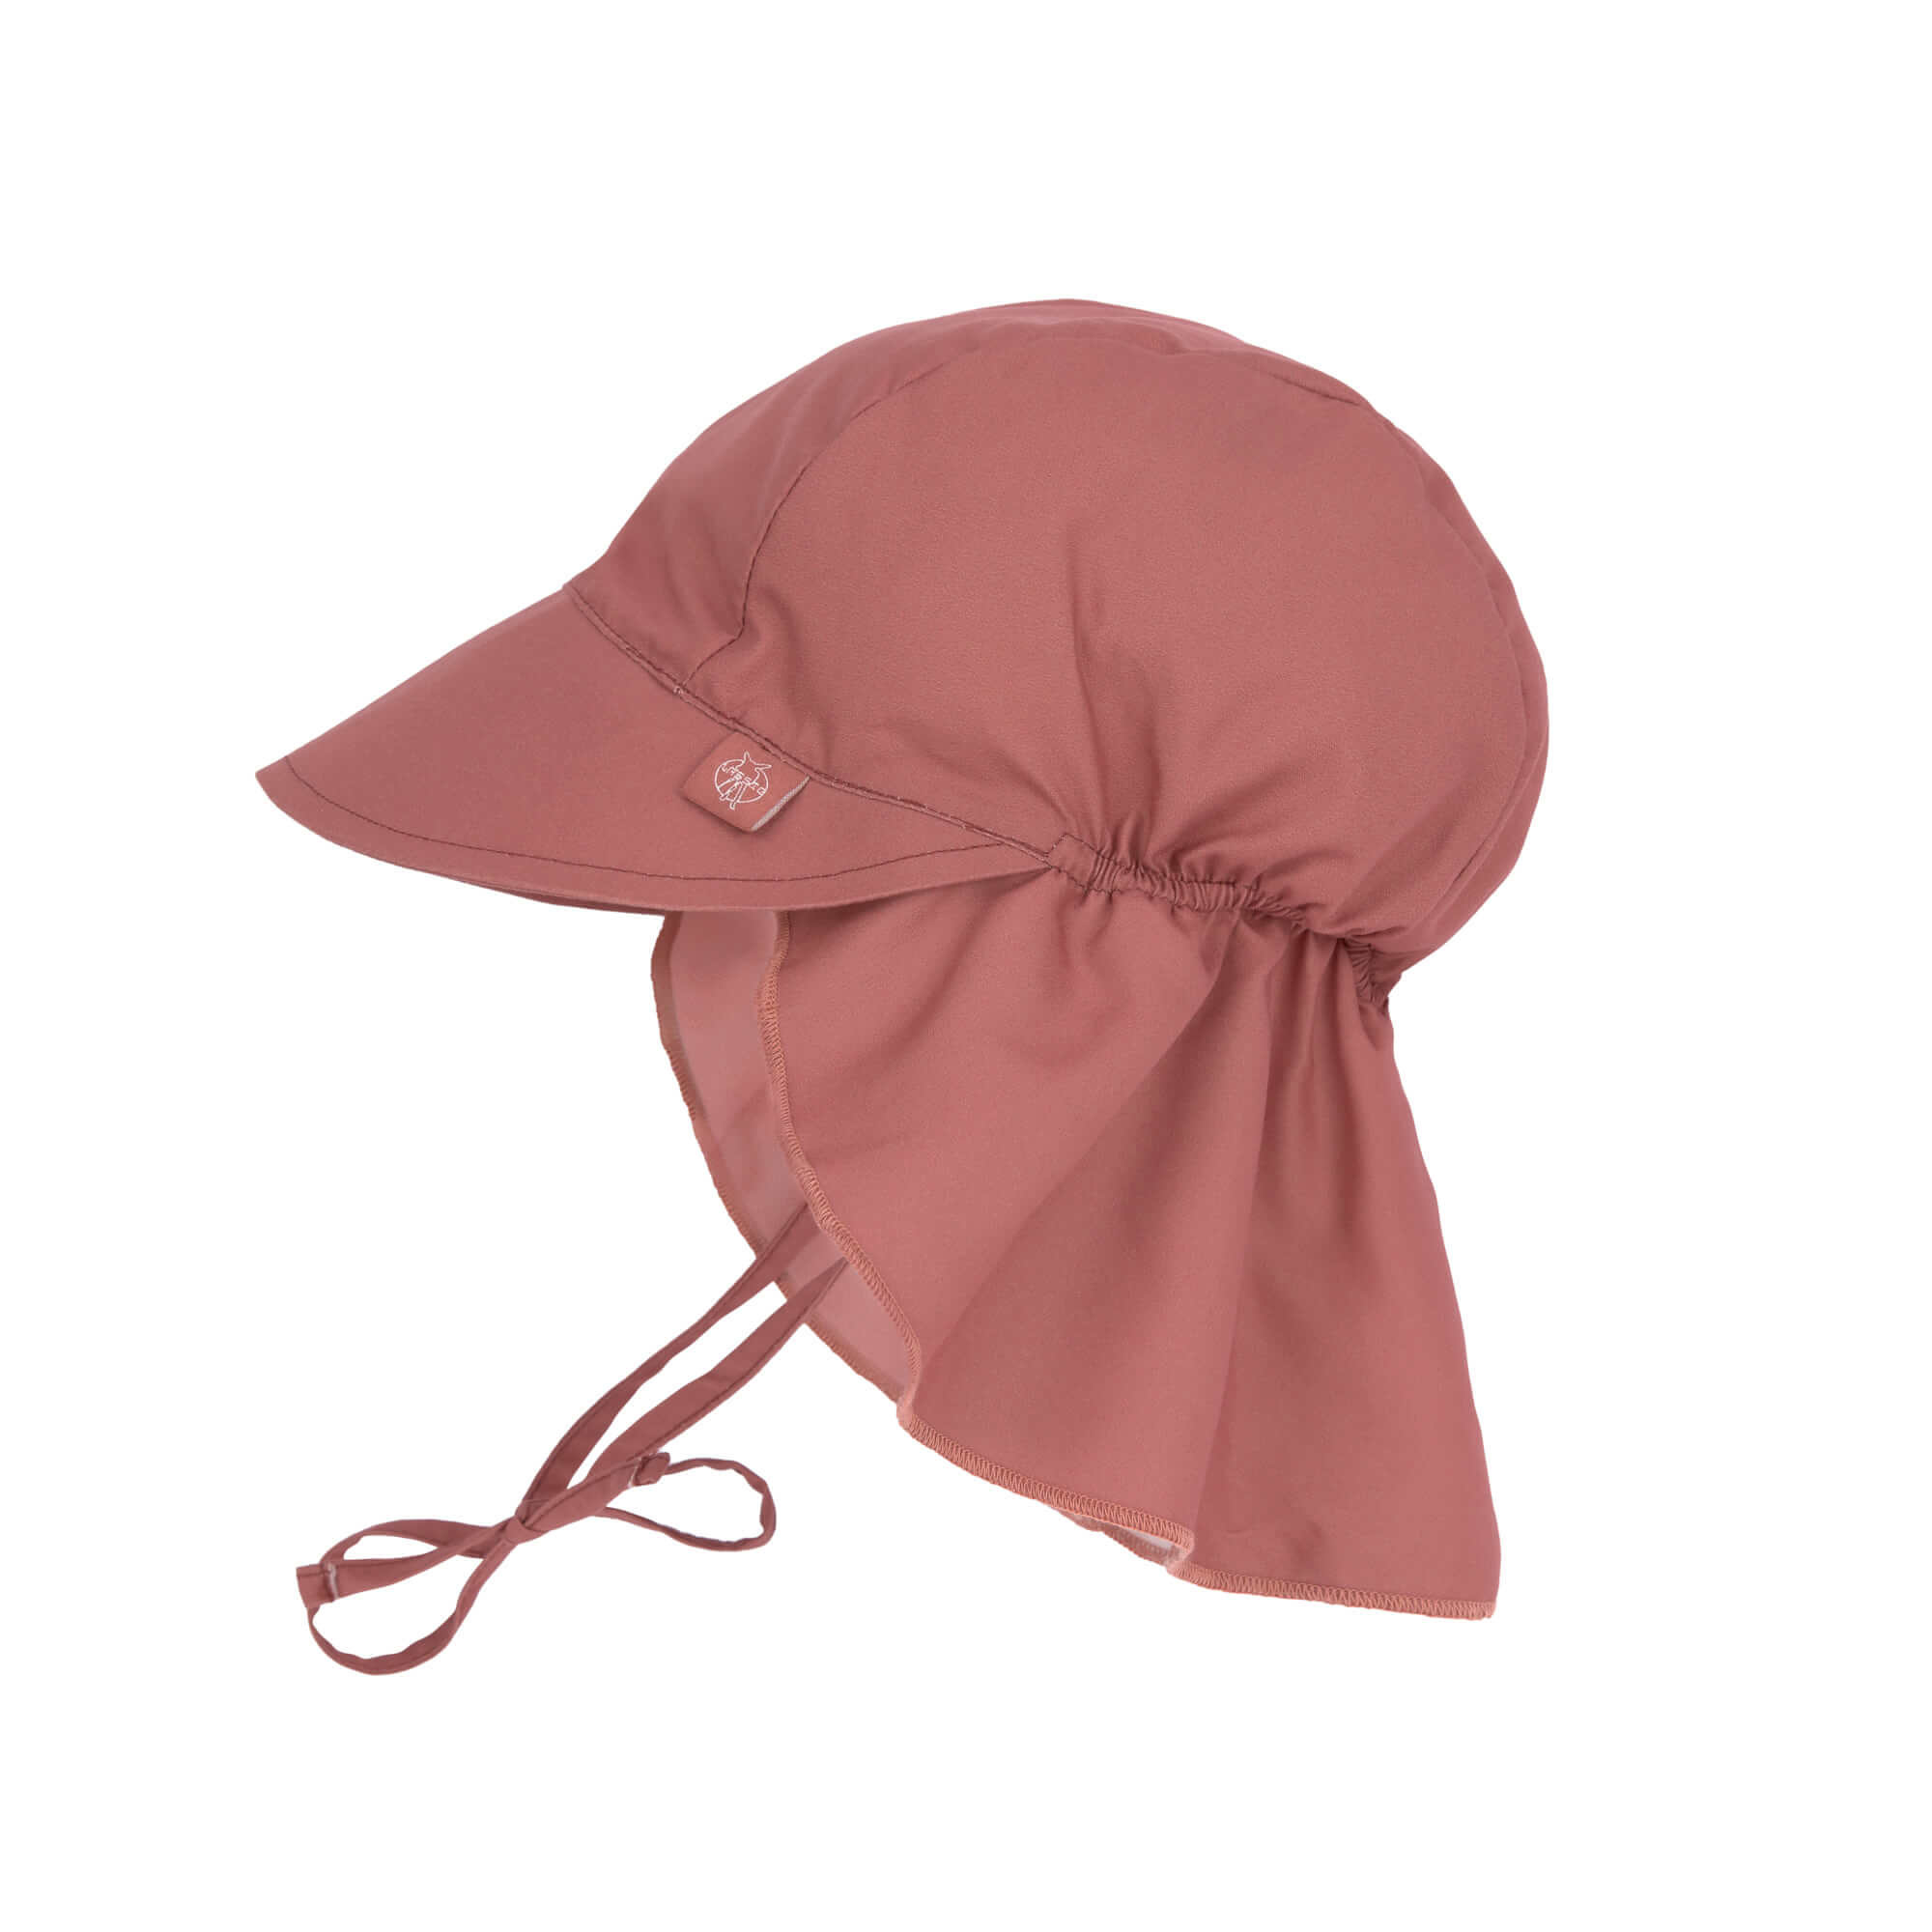 Lässig Splash & Fun Sun Protection Zonnehoed Flaphoed met UV bescherming - Rosewood 19-36 maanden, M